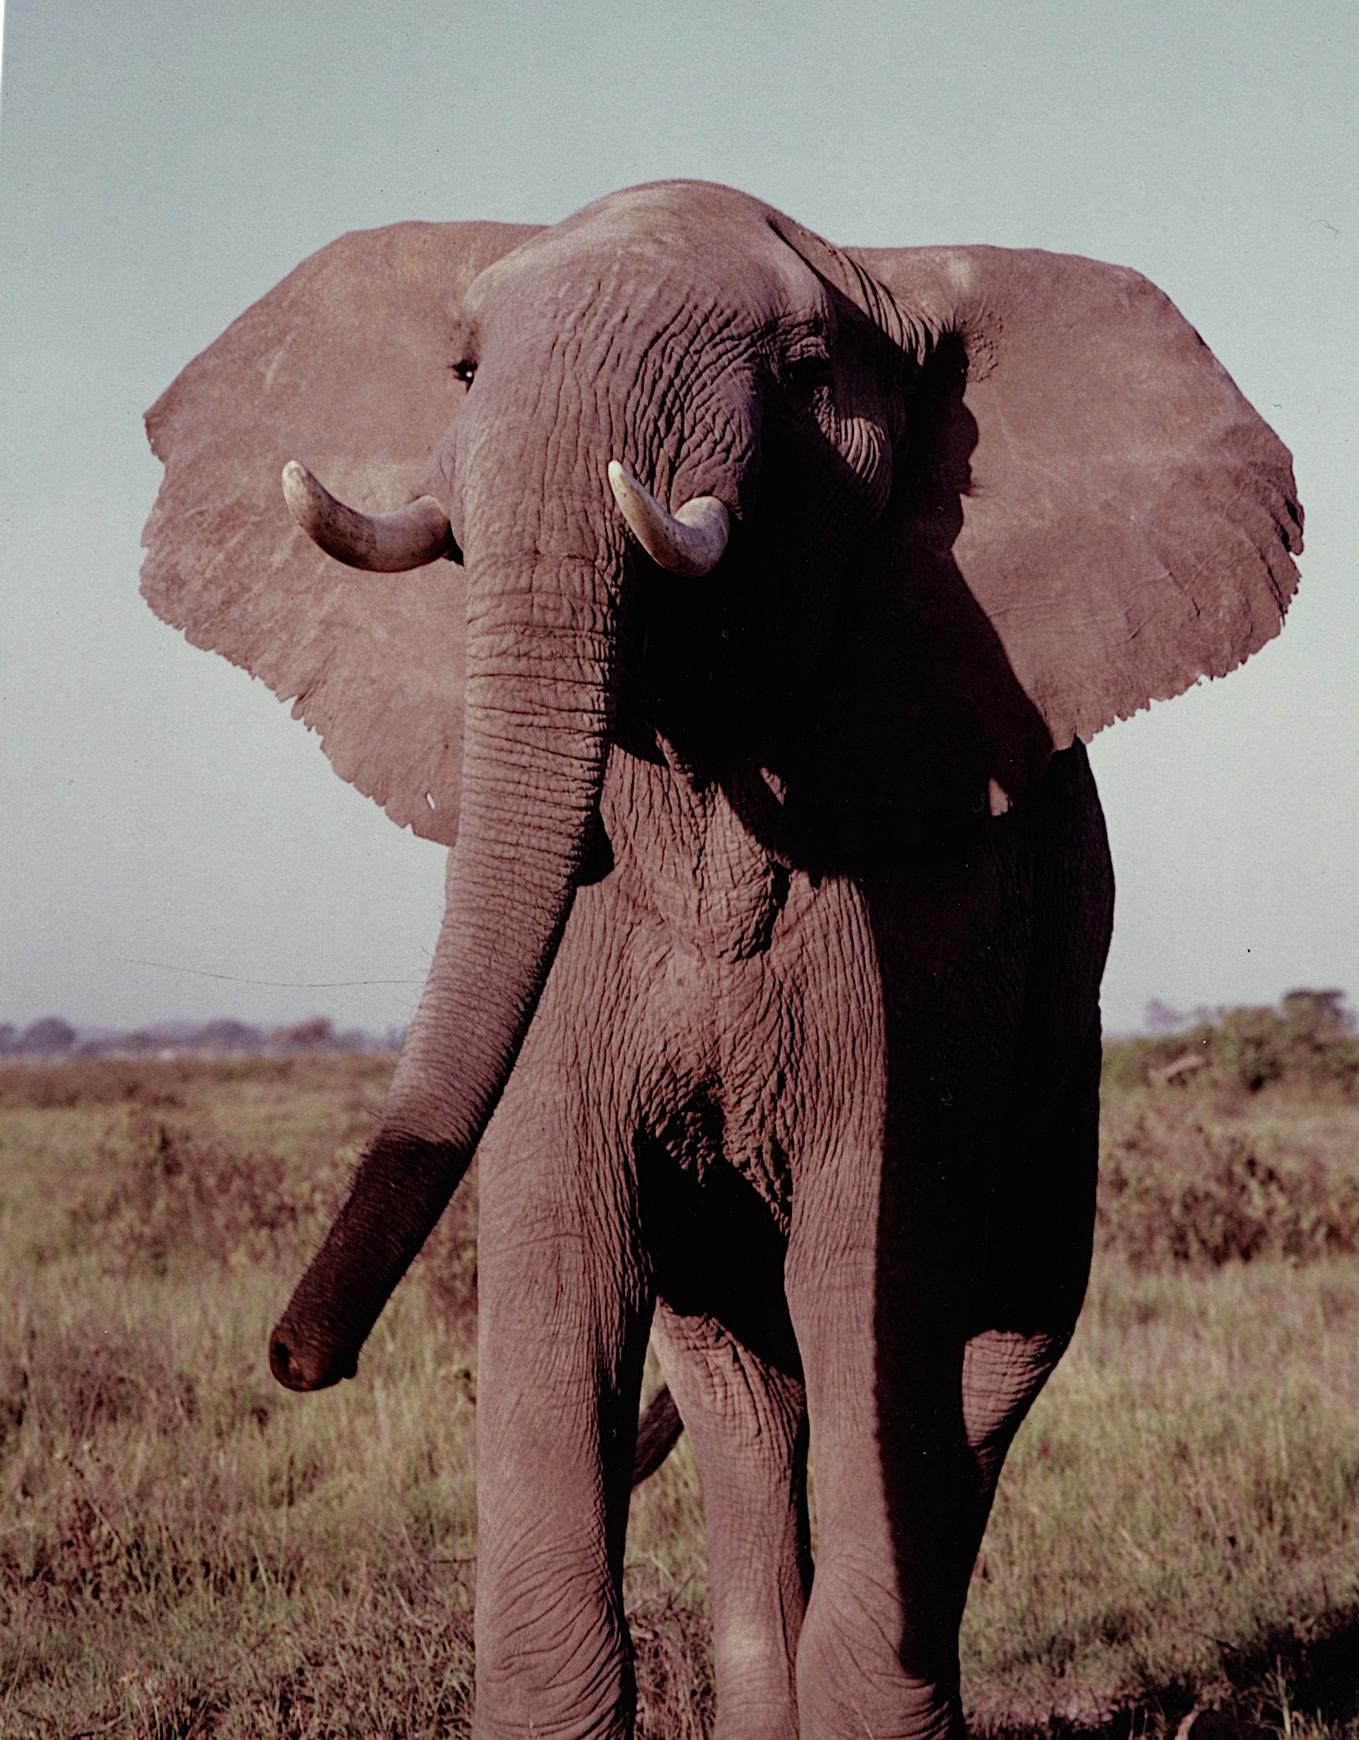 elephant_amboseli